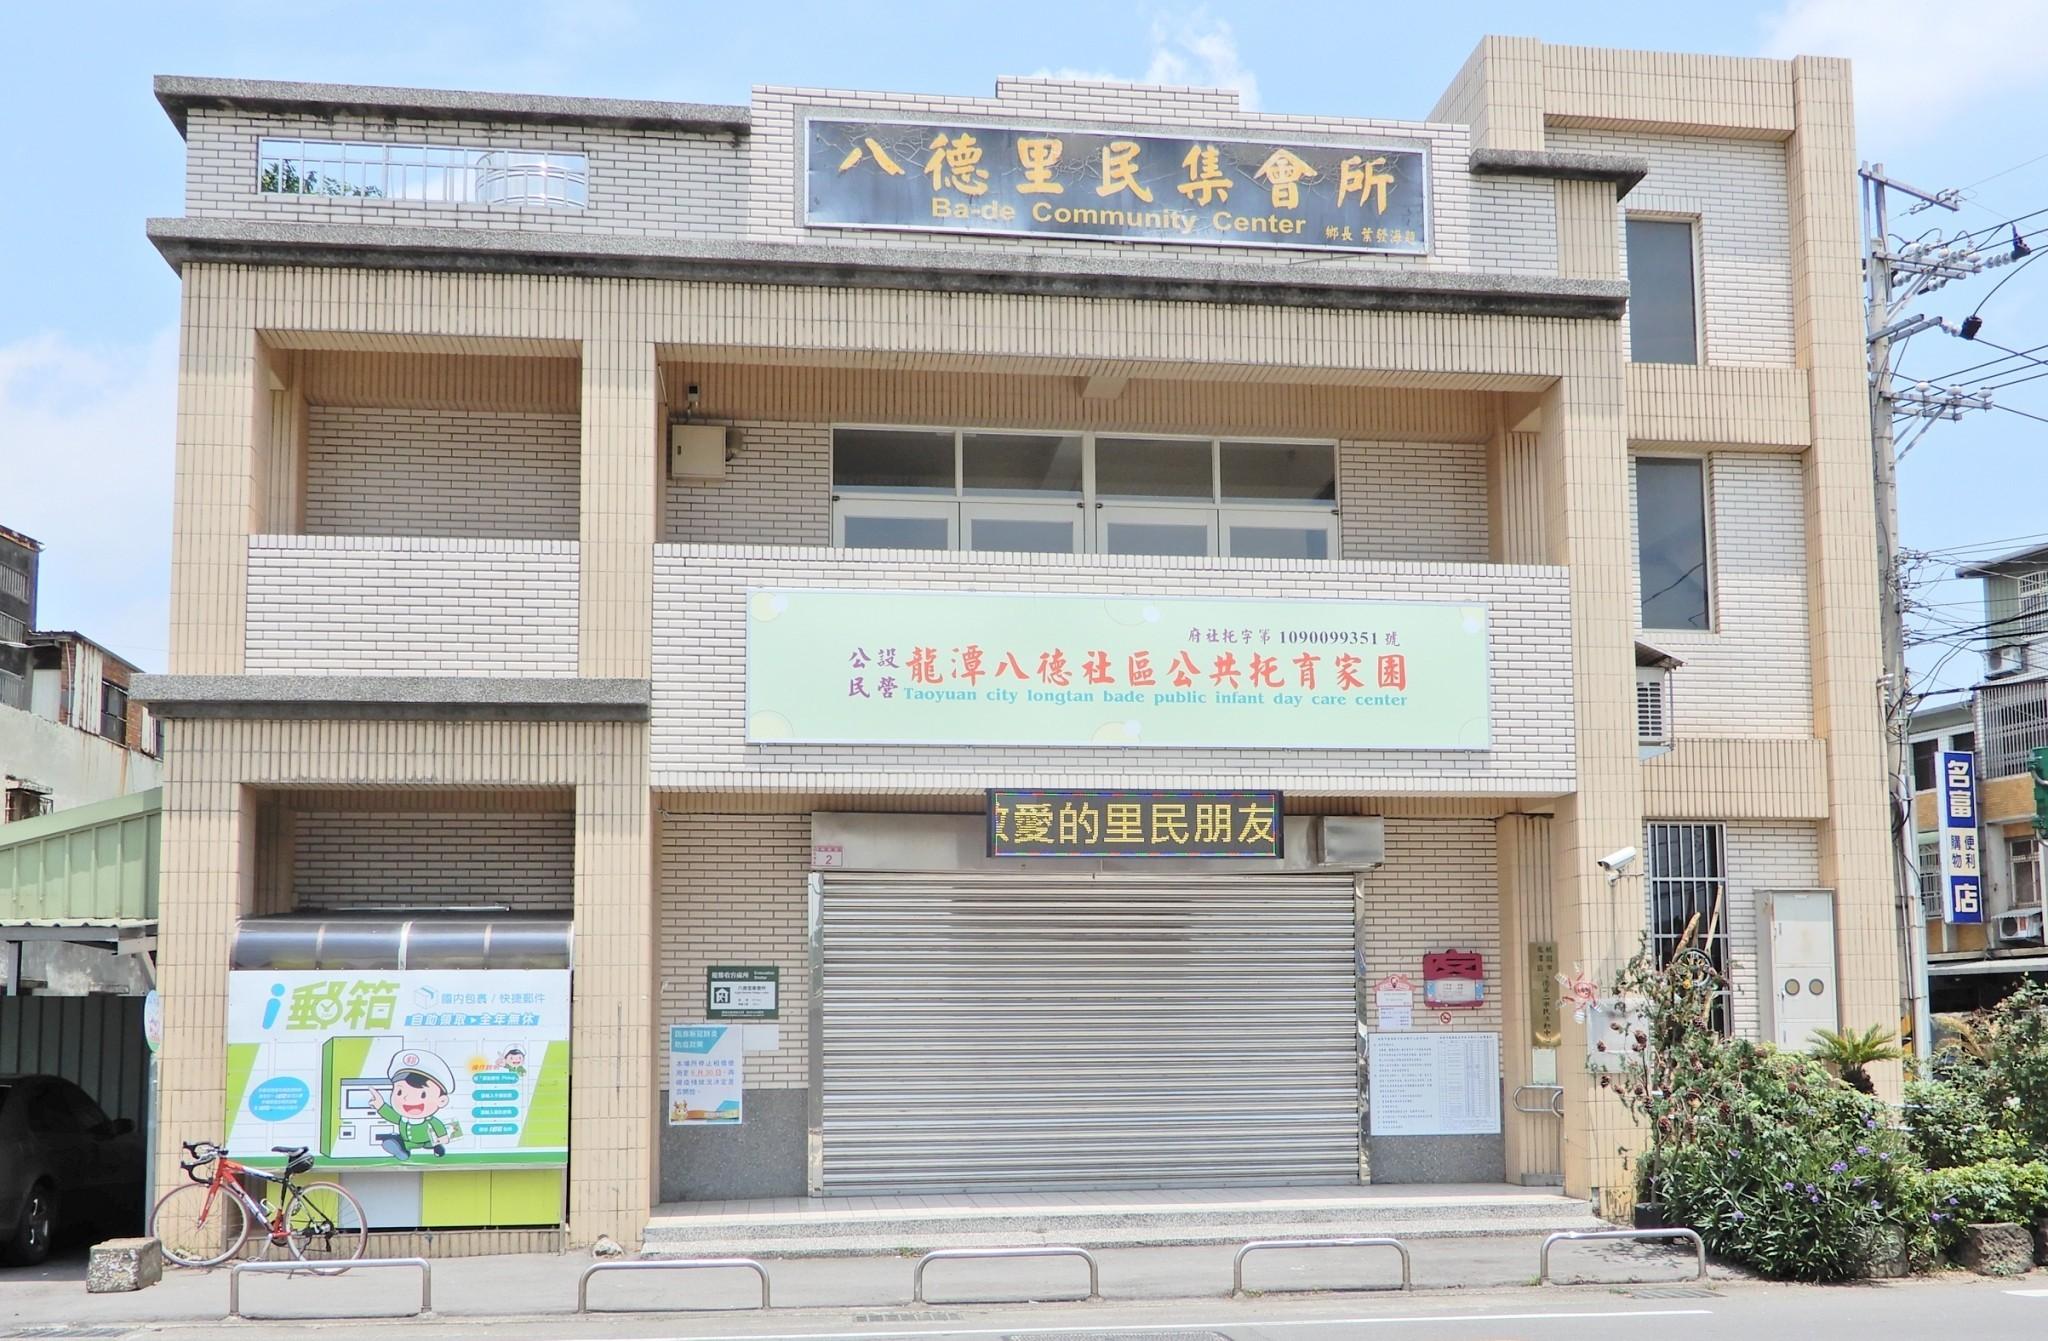 龍潭八德社區公共托育家園外觀照片